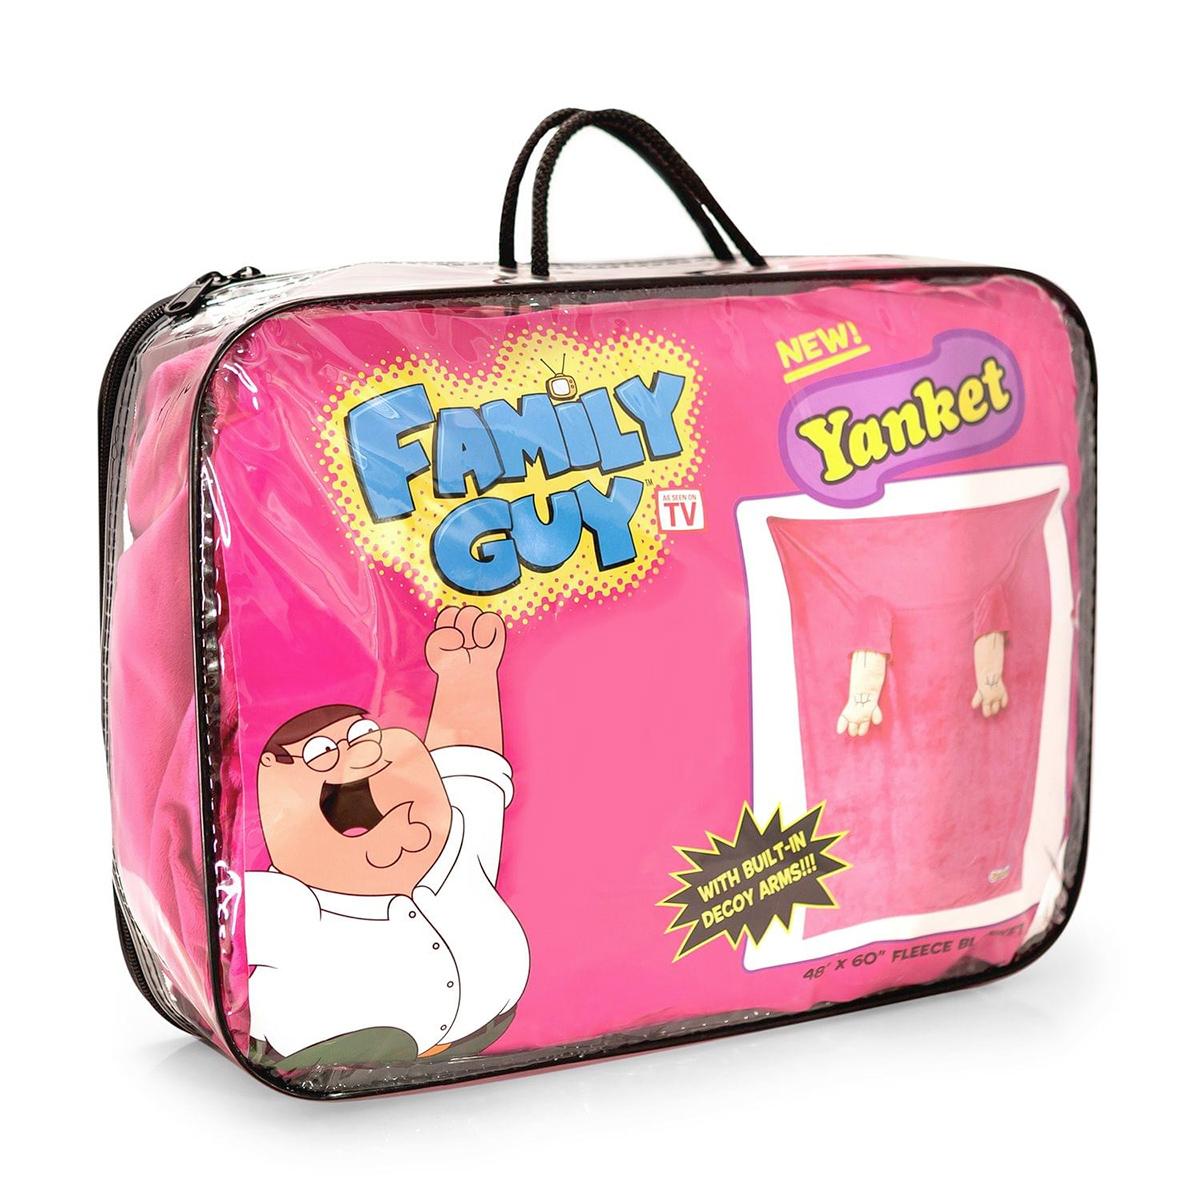 Cobertor de Lance Family Guy Yanket Official Throw Blanket